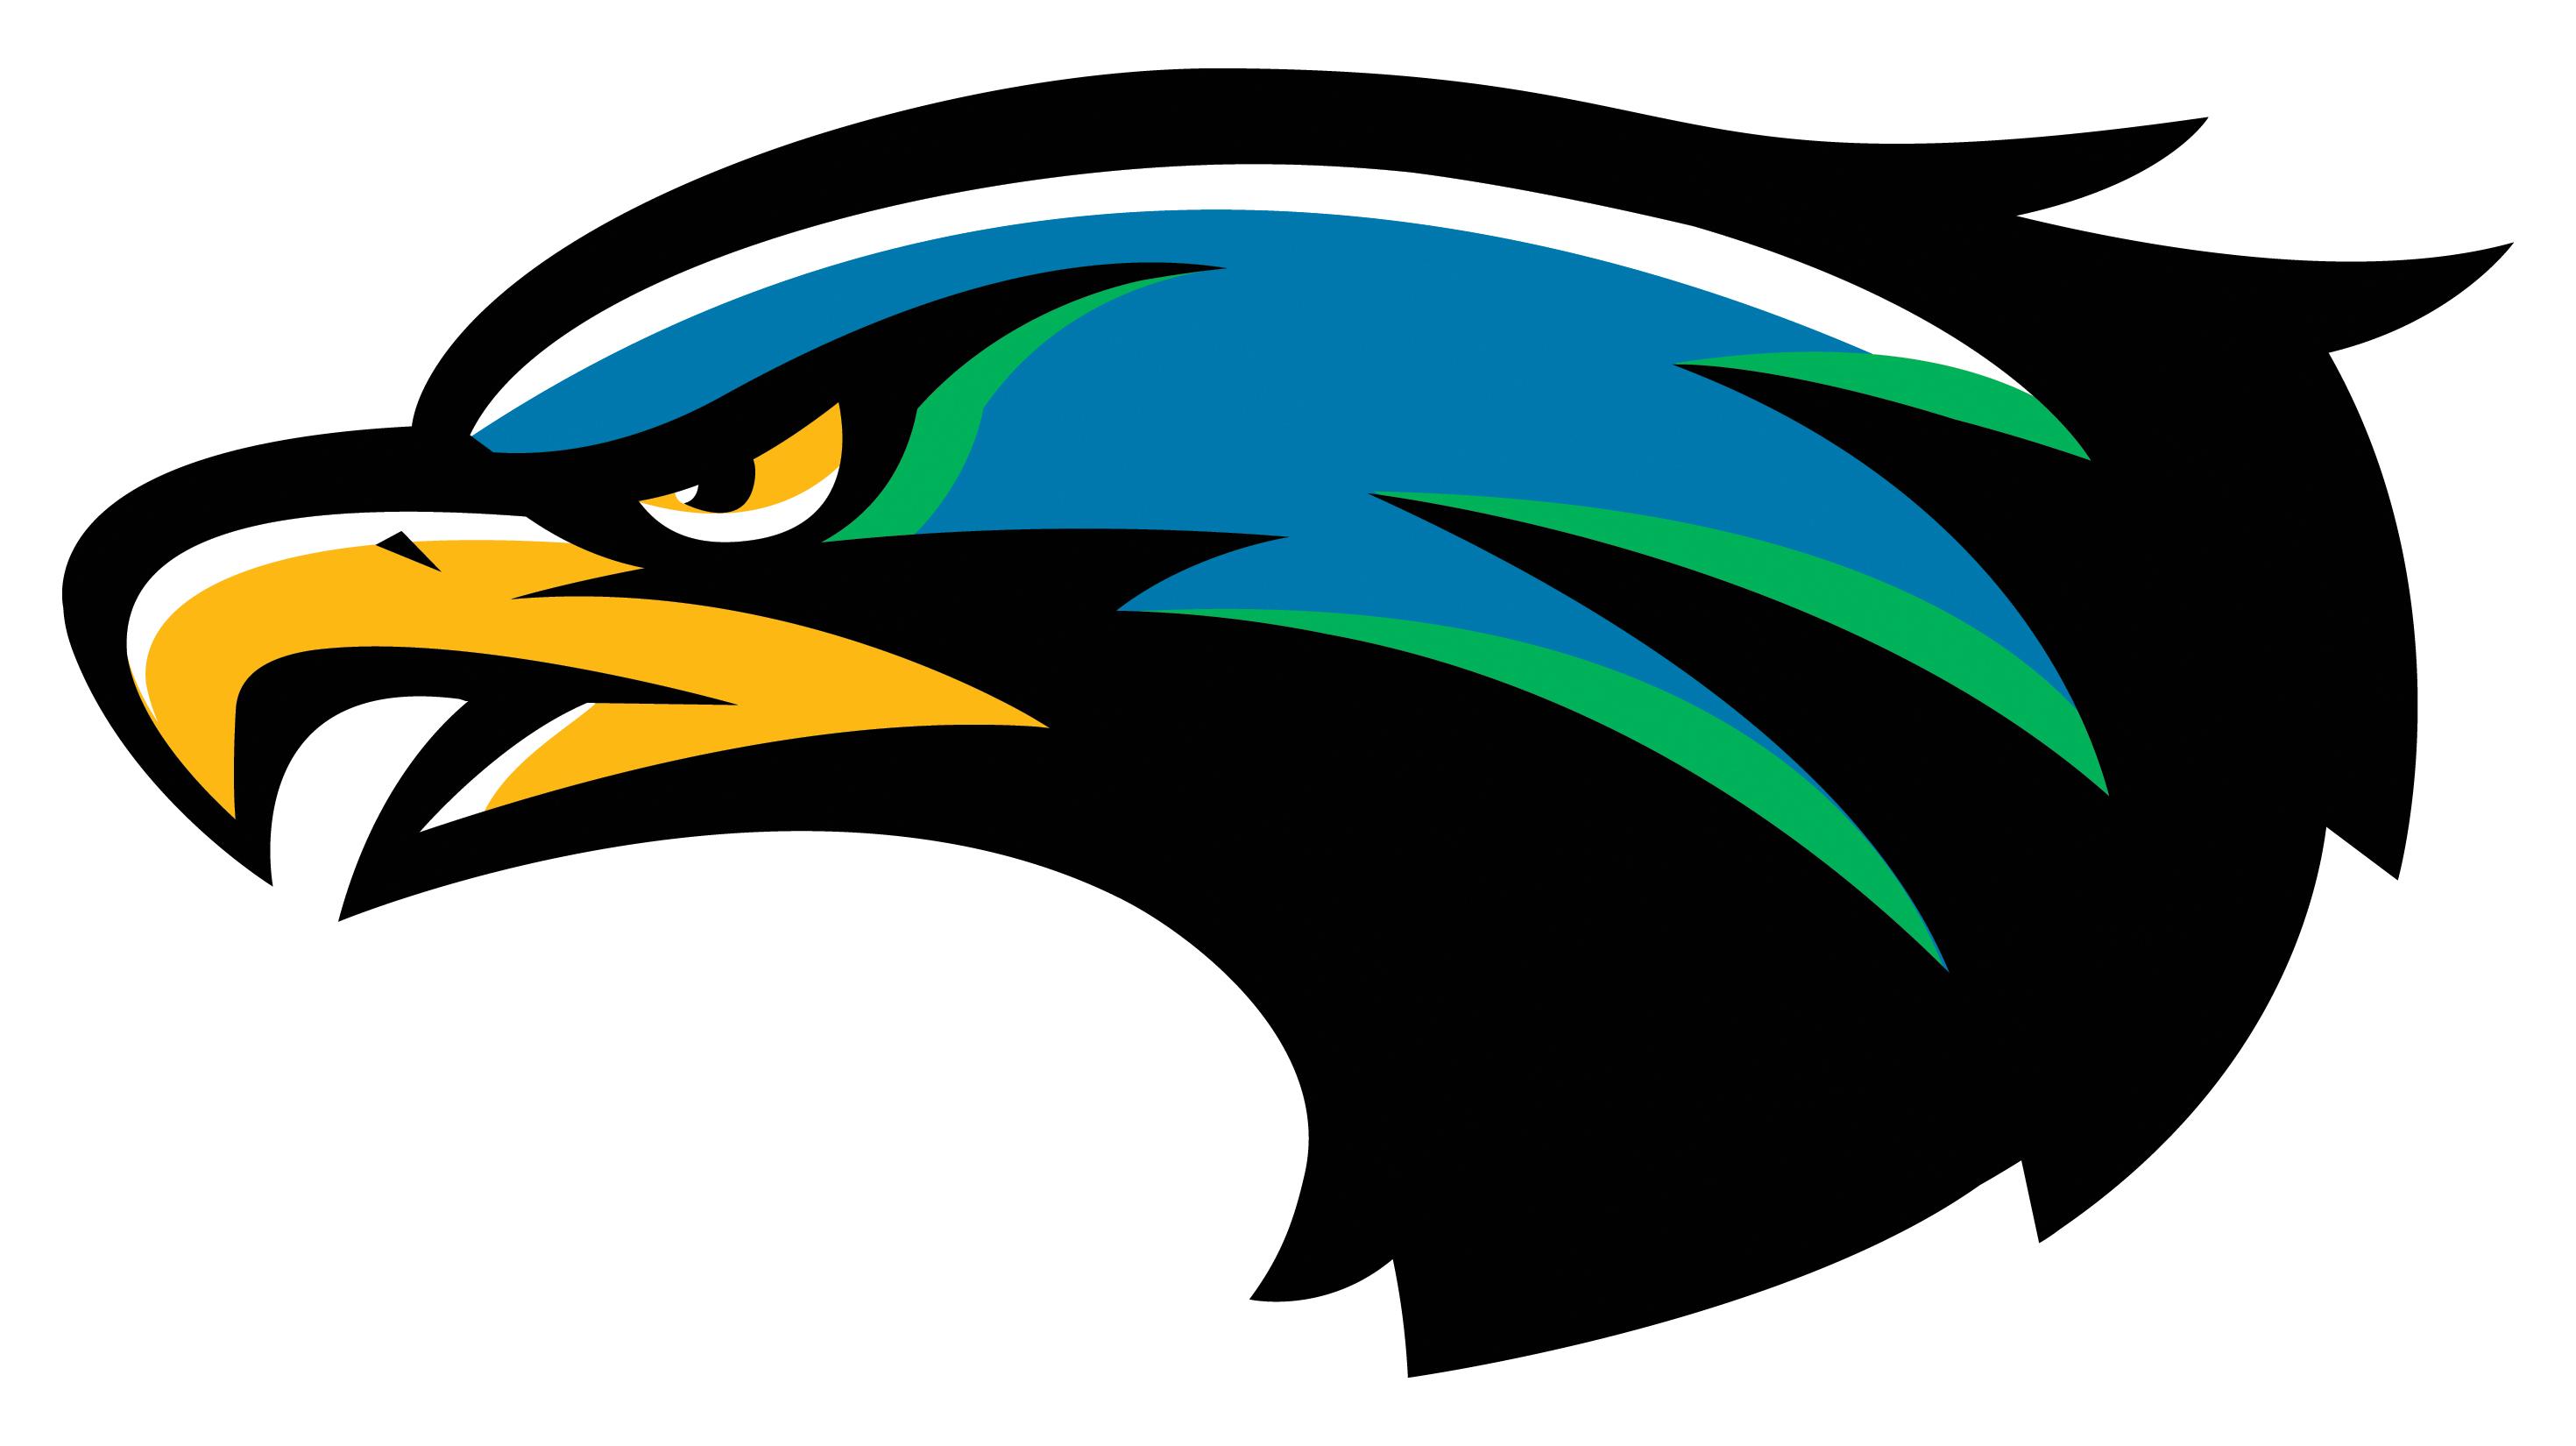 UHCL Hawk Mascot